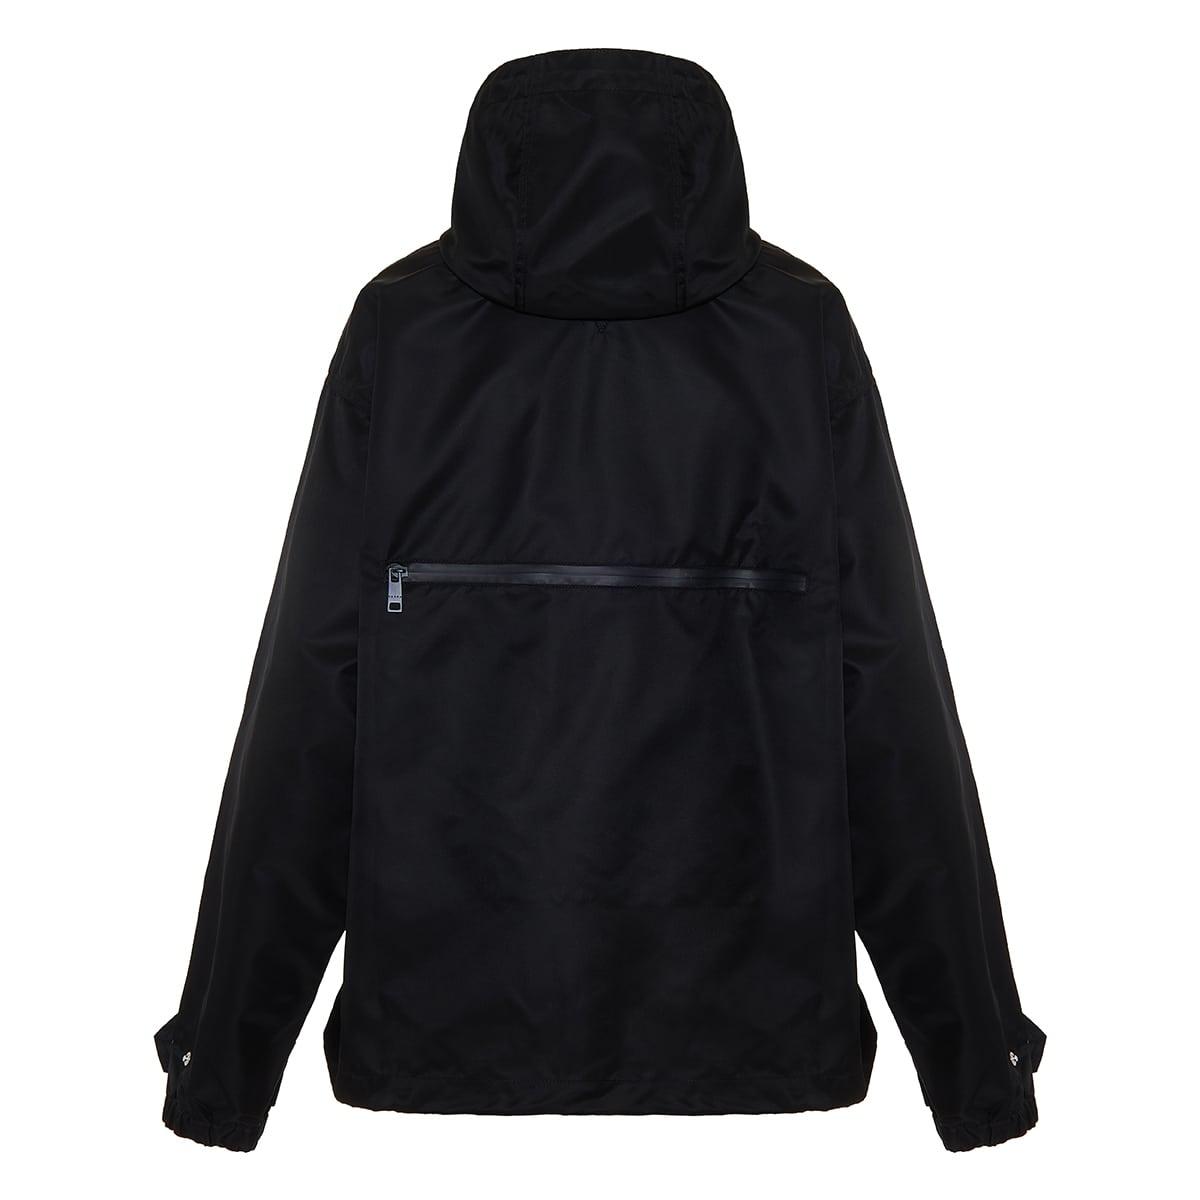 Joe packable nylon jacket